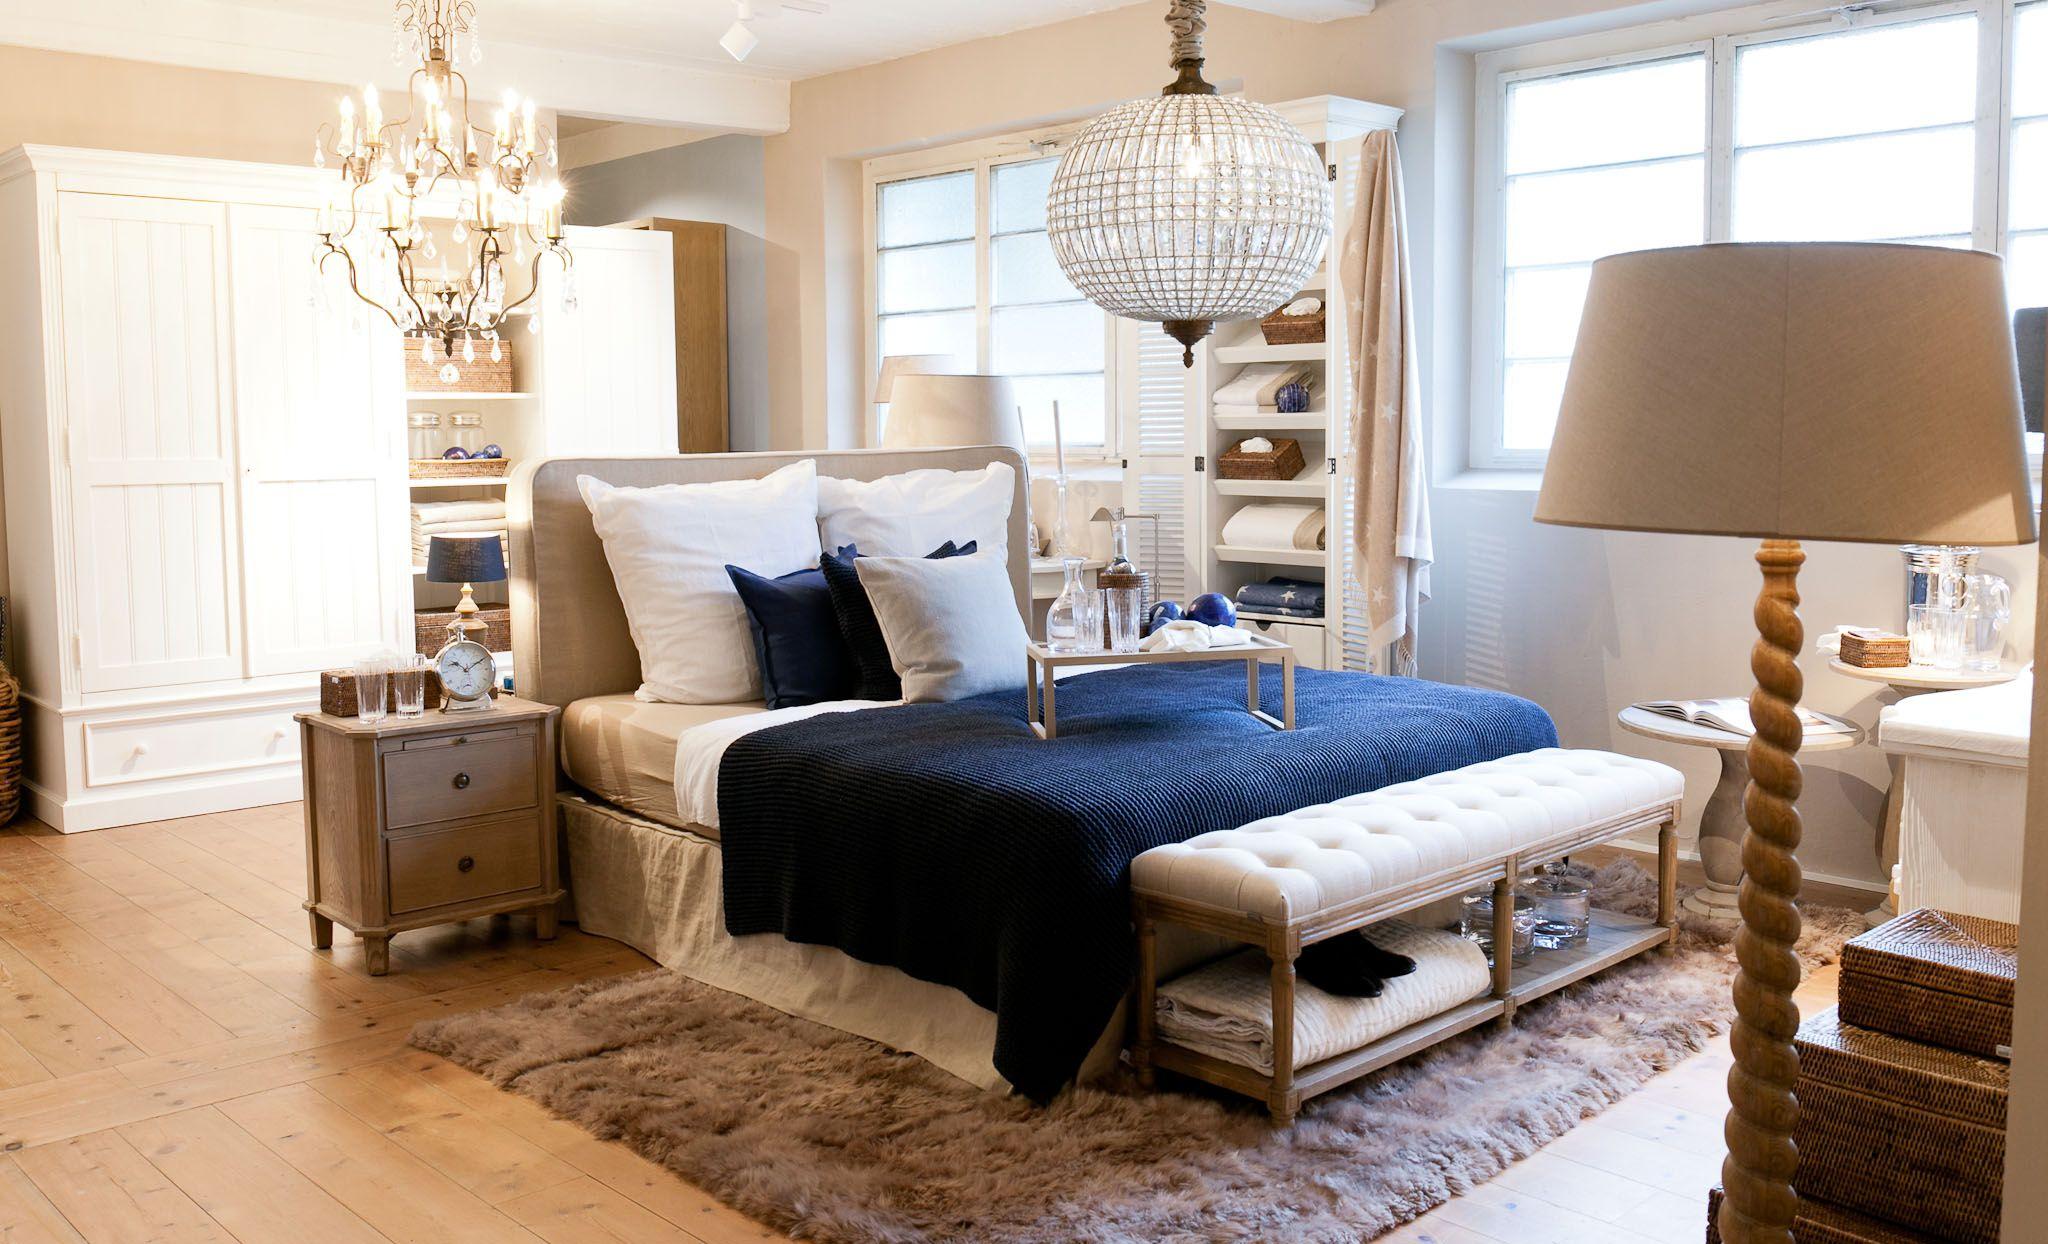 Traumhaft schöne Schlafzimmer - wir beraten Sie gern bei uns ...